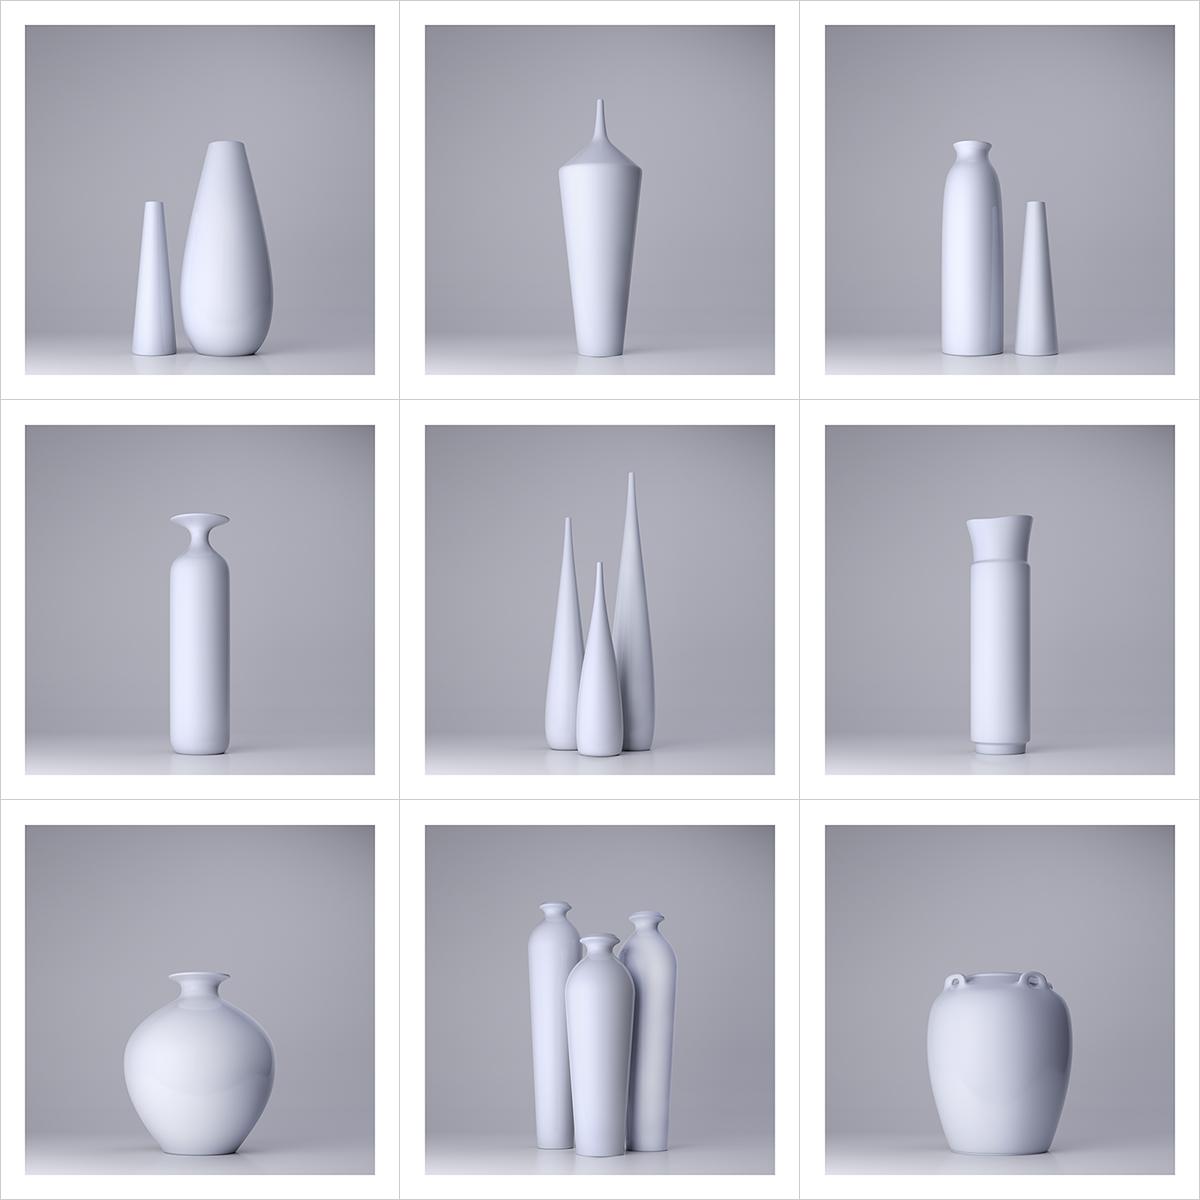 230 Lsdr TWHS Virtual Ceramics I 000 - 2021 - La simplicité du regard. This was HomoSapiens. Virtual Ceramics. I